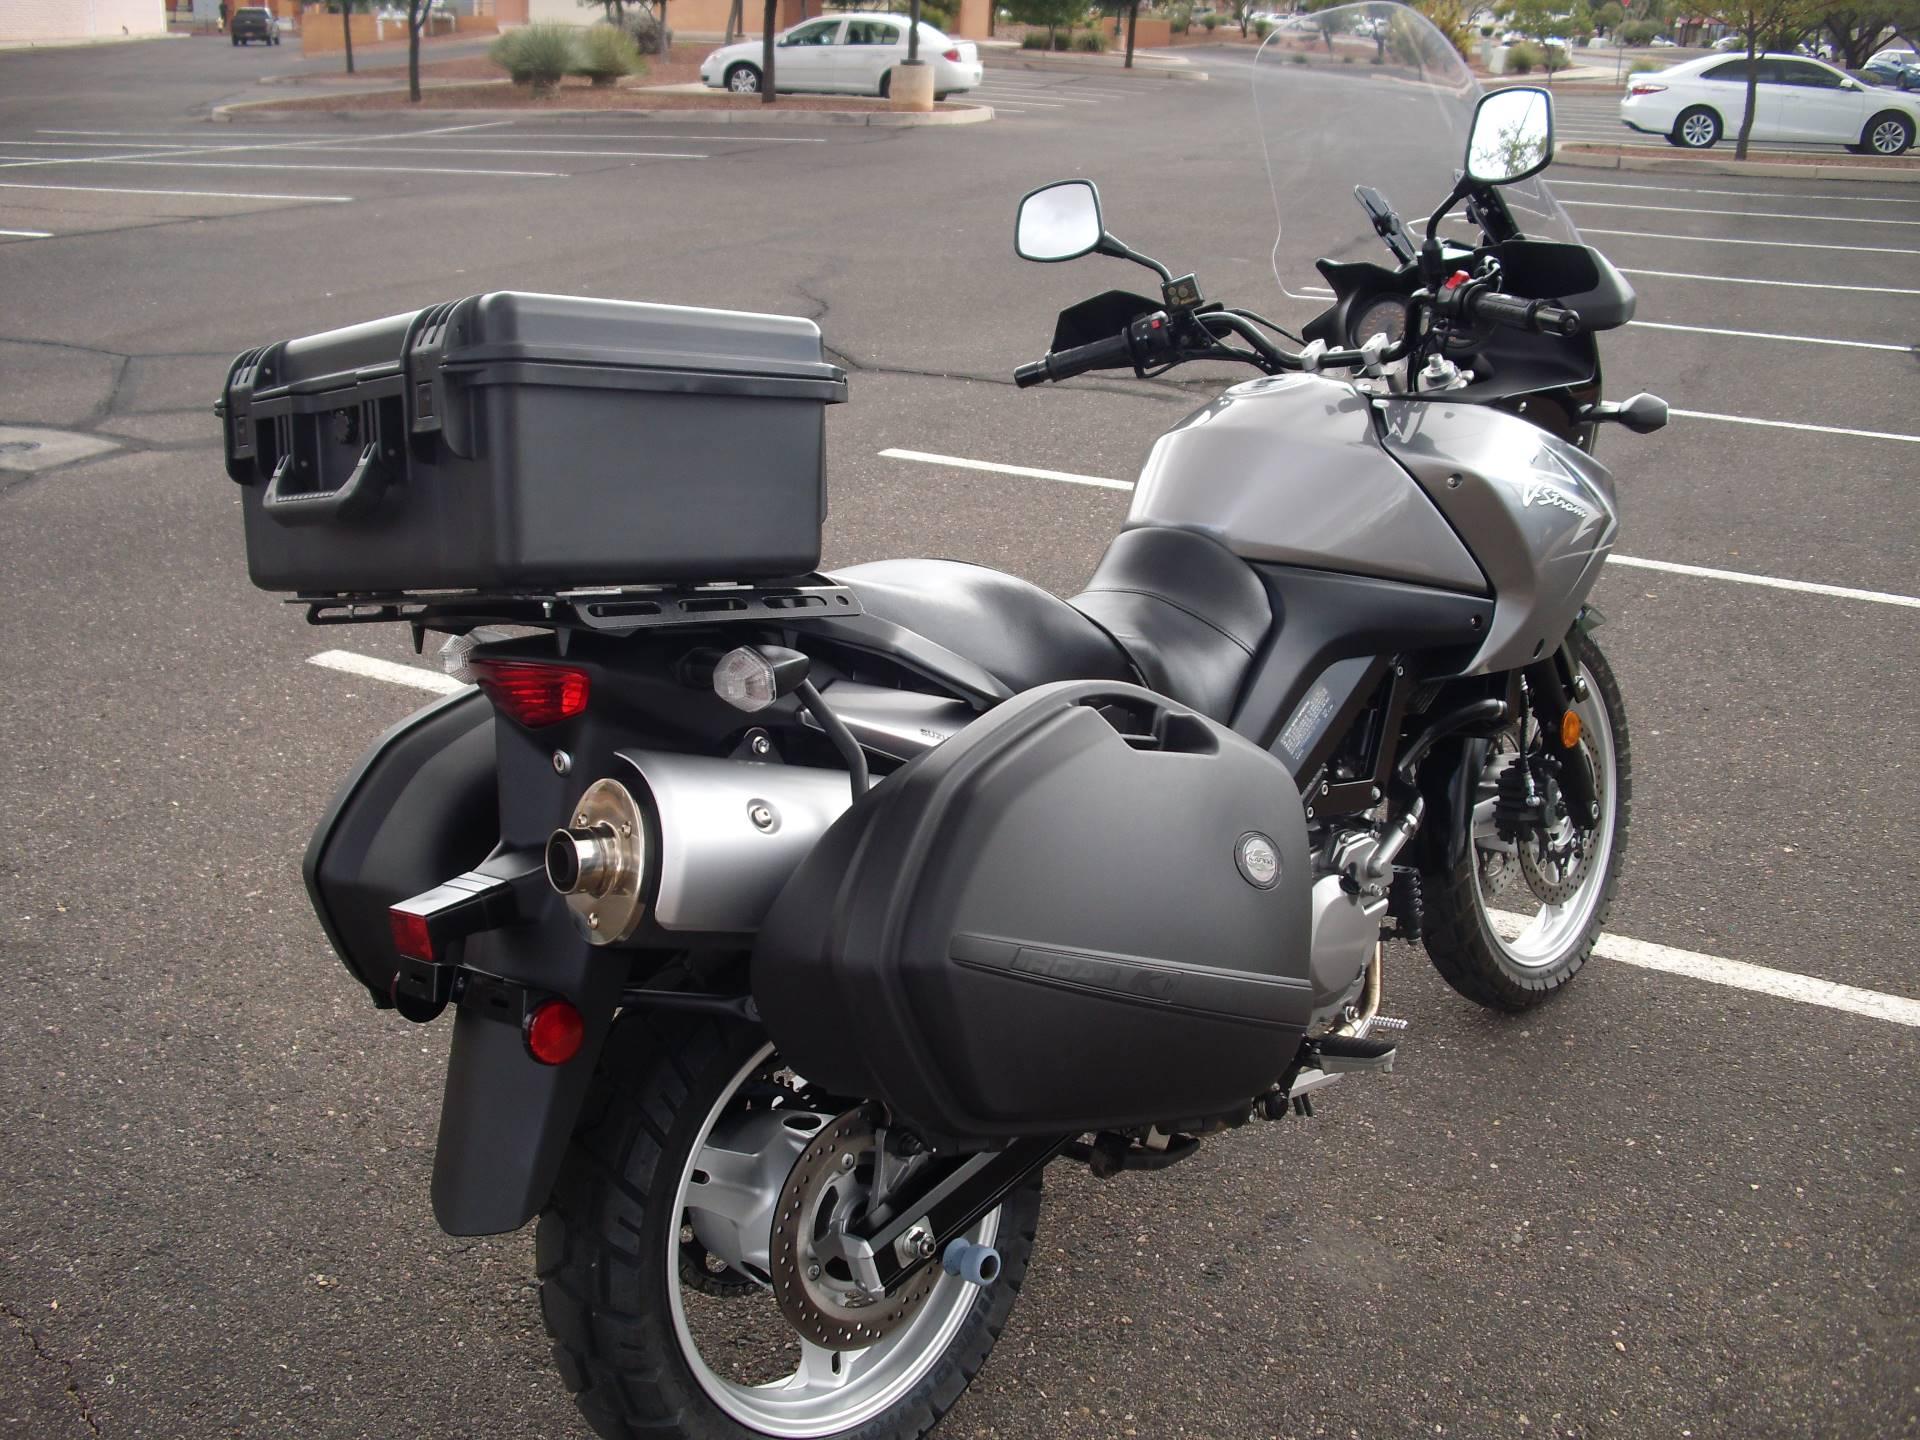 2009 Suzuki V-Strom 650 2